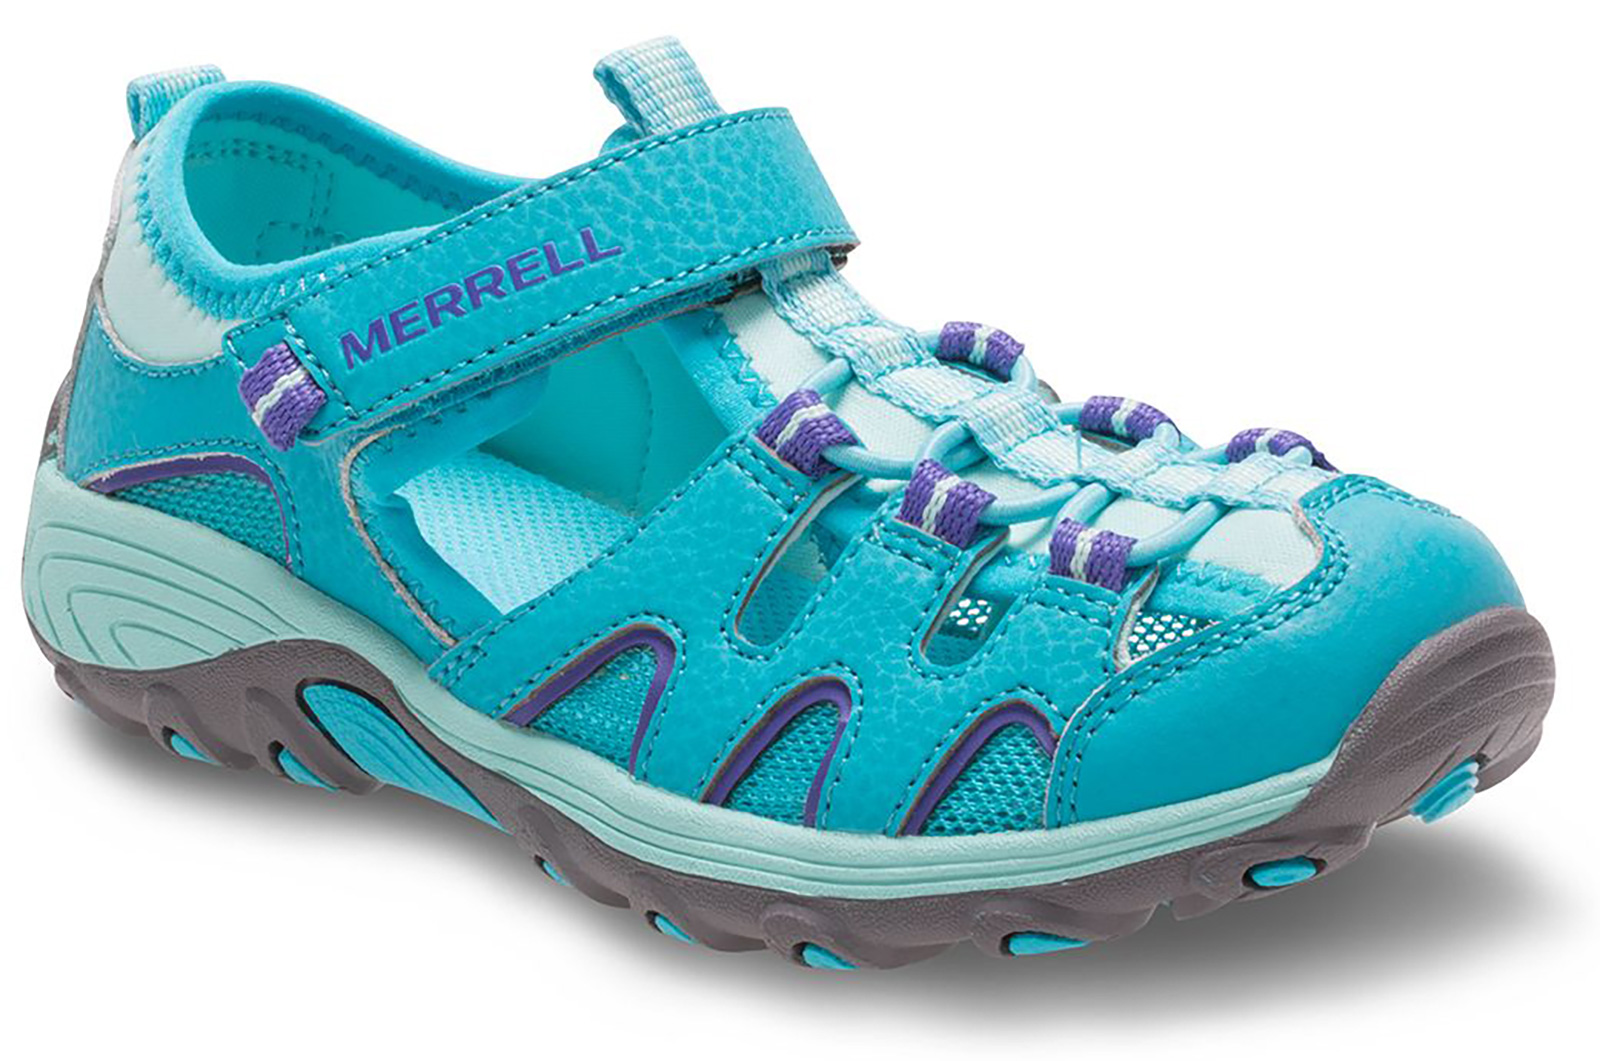 Merrell Hydro H2O Hiker Sandal Junior 56509 EUR 35